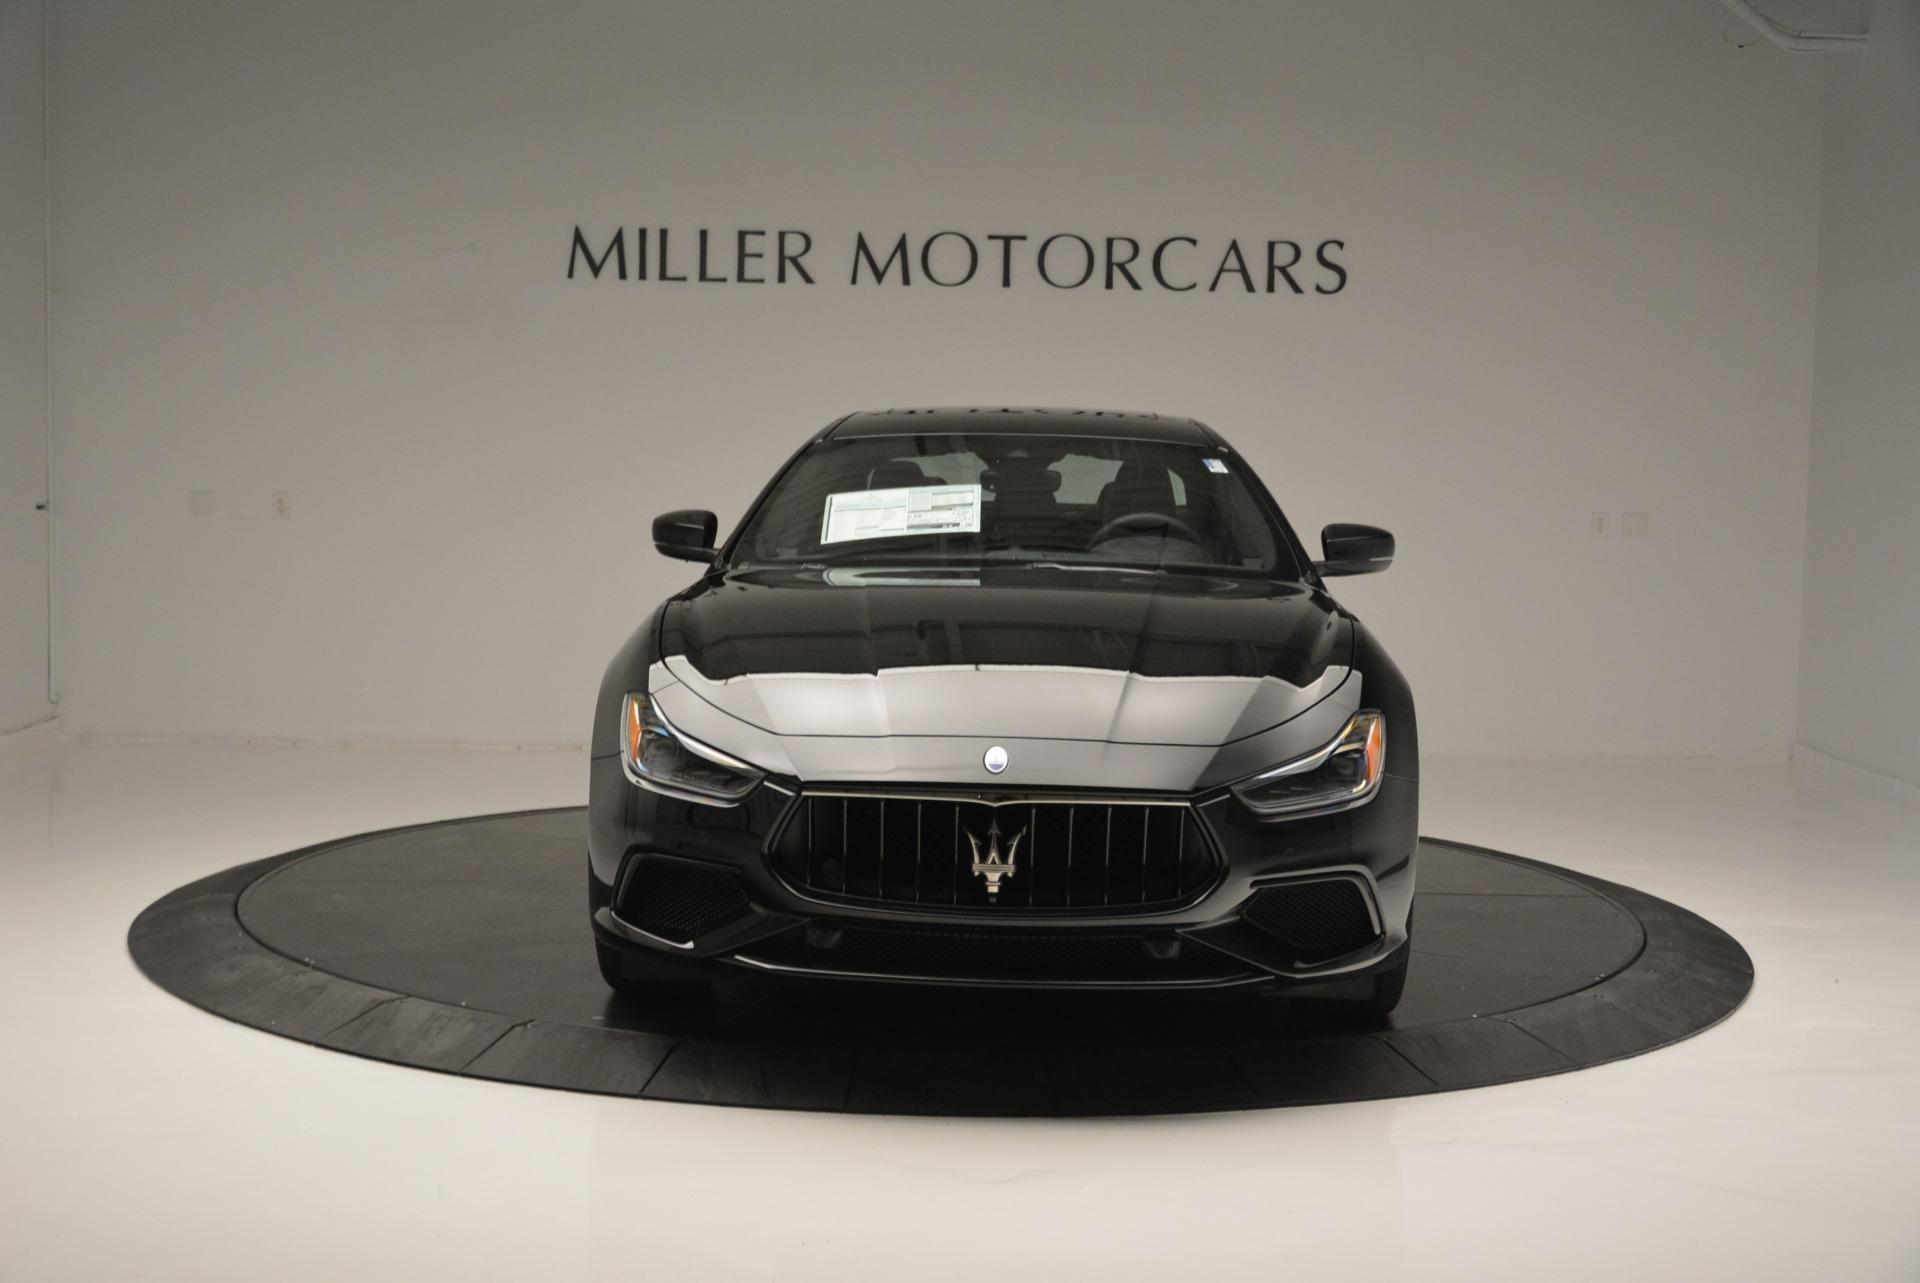 New 2018 Maserati Ghibli SQ4 GranSport Nerissimo For Sale In Greenwich, CT. Alfa Romeo of Greenwich, M2171 2366_p12